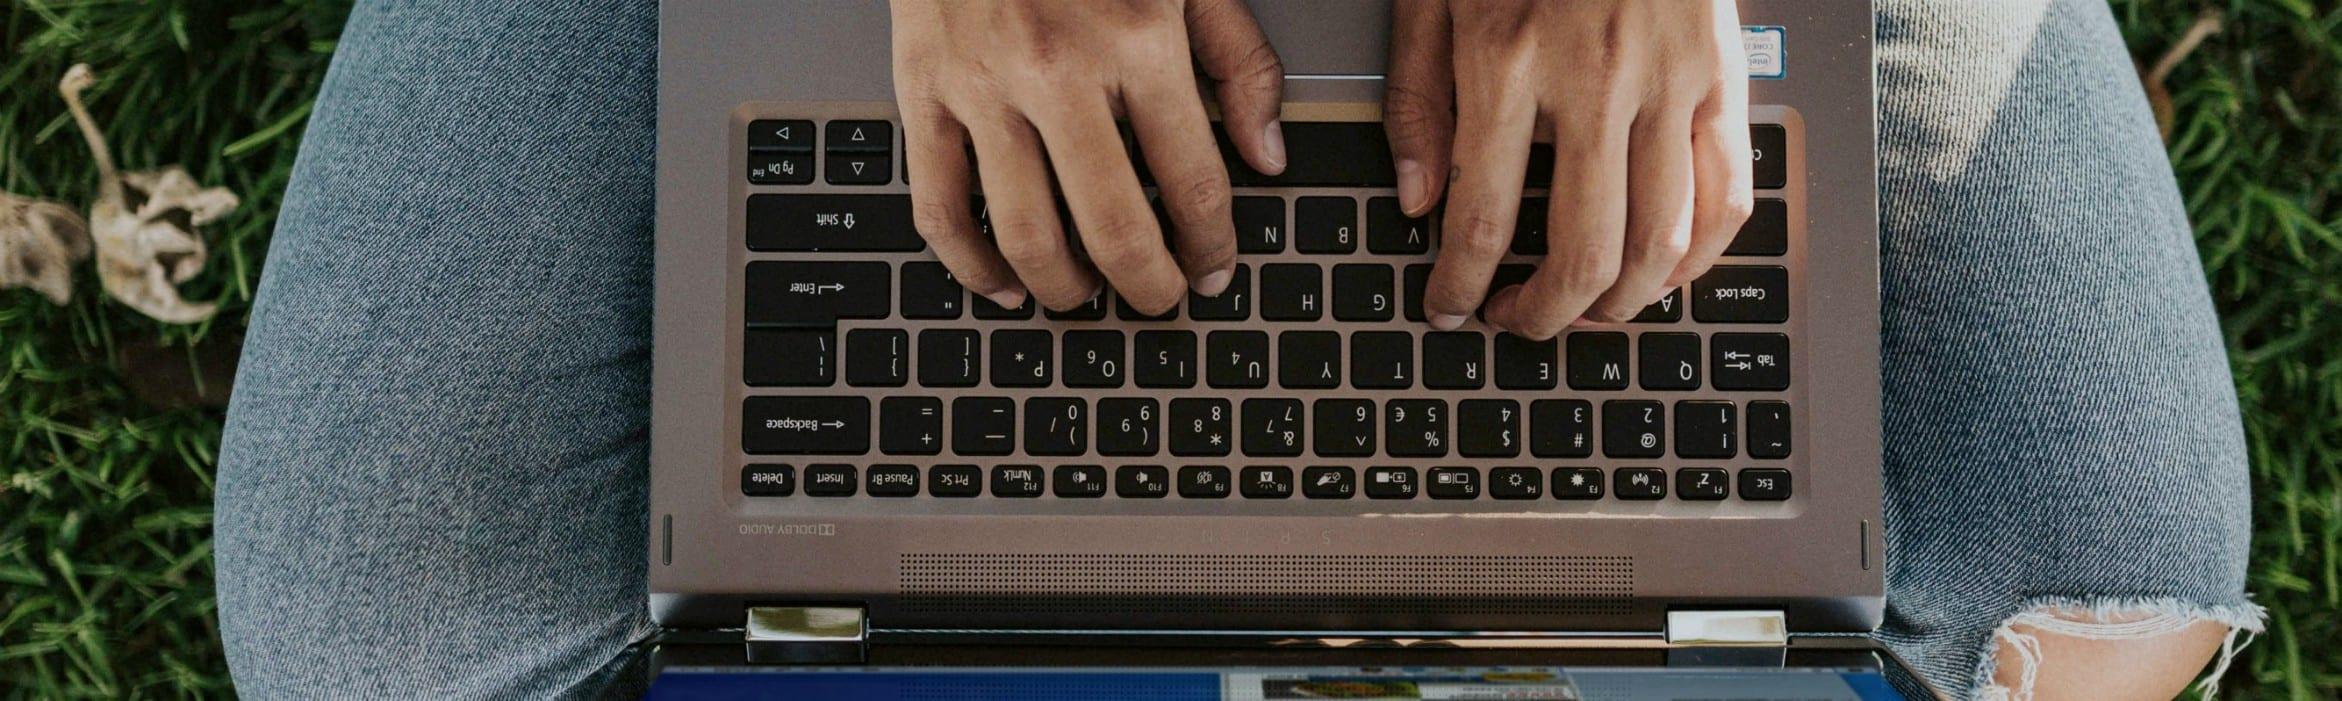 schrijven toetsenbord verkopen